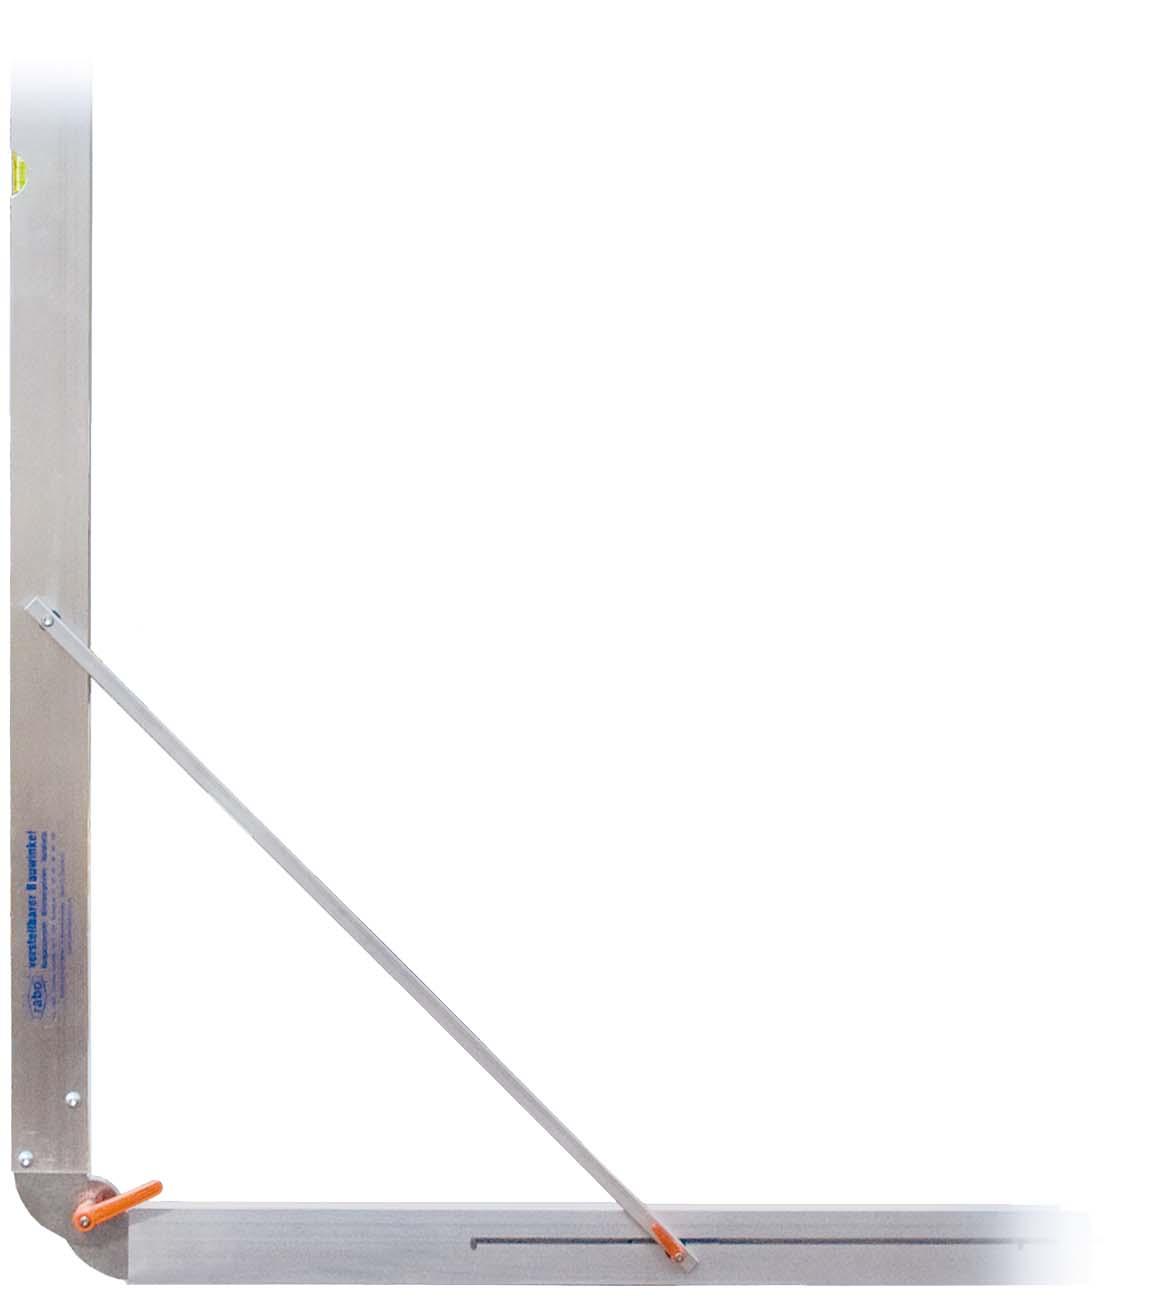 alu-winkel stufenlos verstellbar 1500 mm: ernst haas e.k. messwerkzeuge